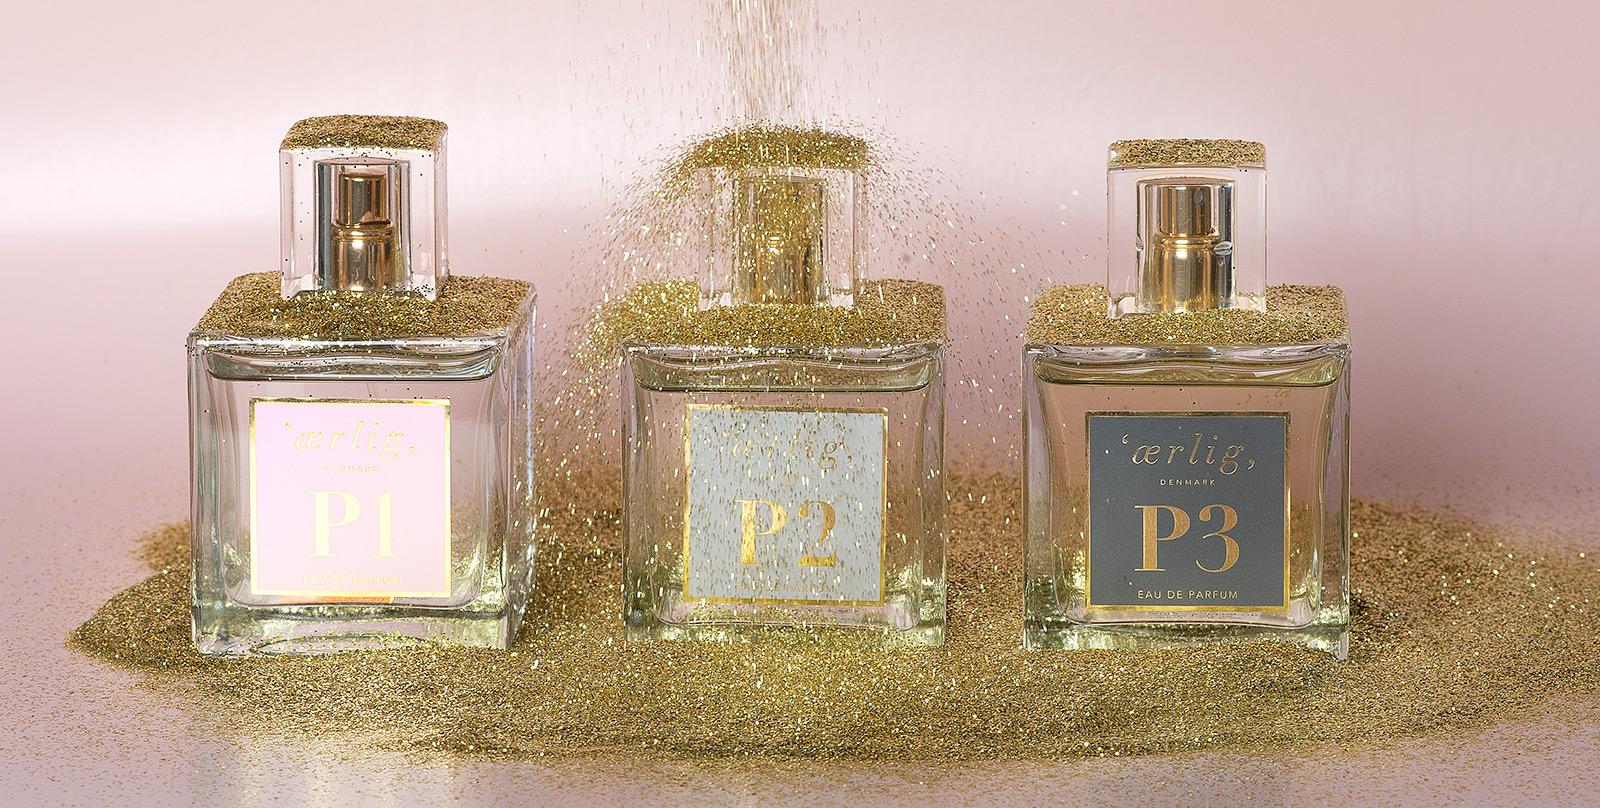 ærlig P1, P2 og P3